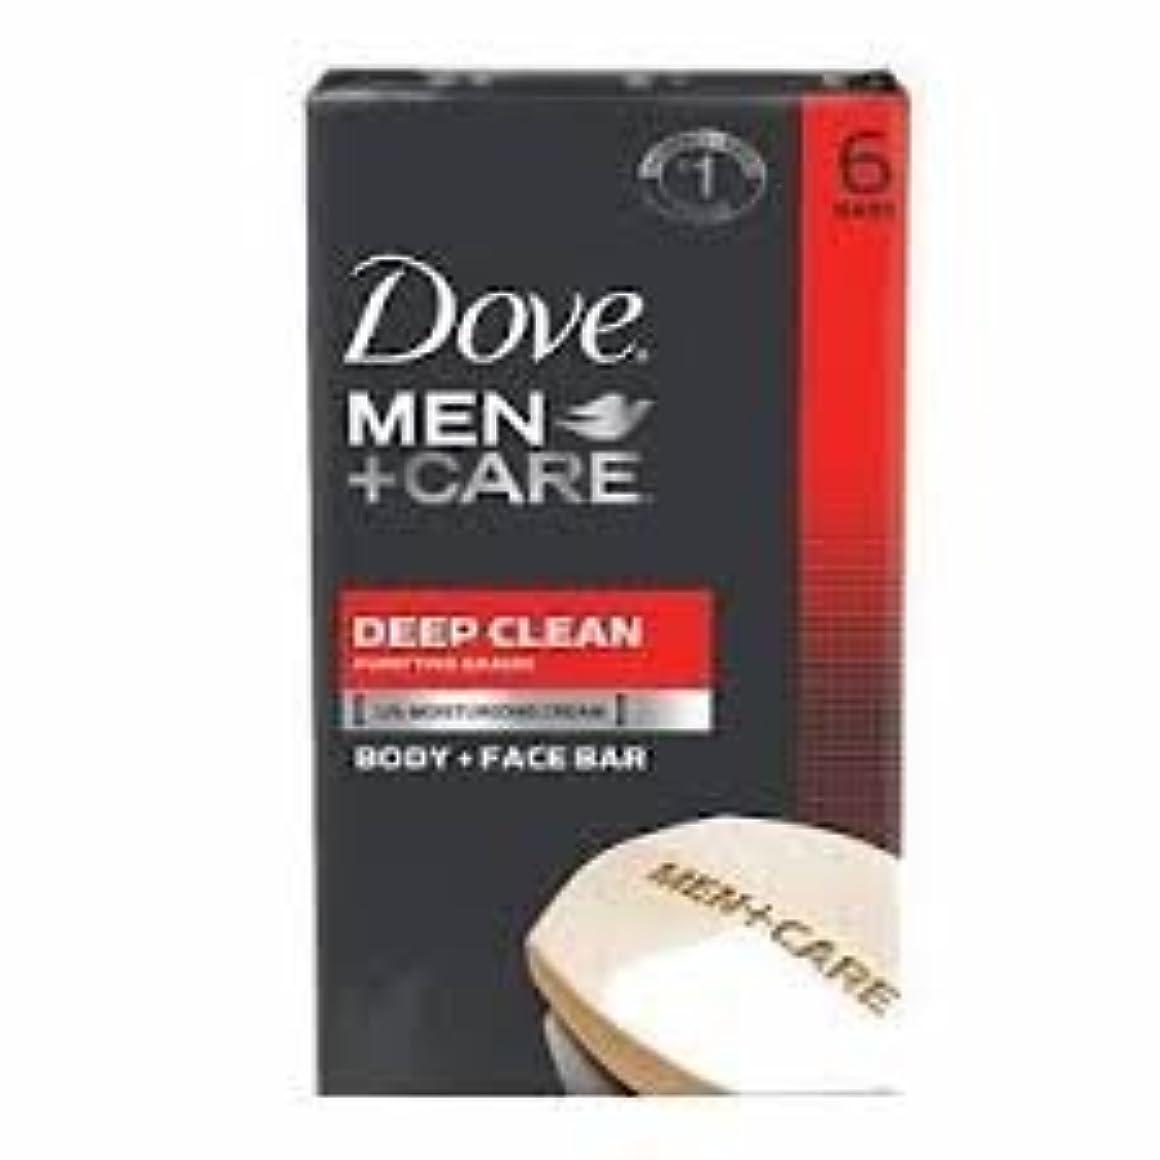 自転車称賛有効Dove Men + Care Body and Face Bar, Deep Clean 4oz x 6Bars ダブ メン プラスケア ディープ クリーン ソープ 4oz x 6個